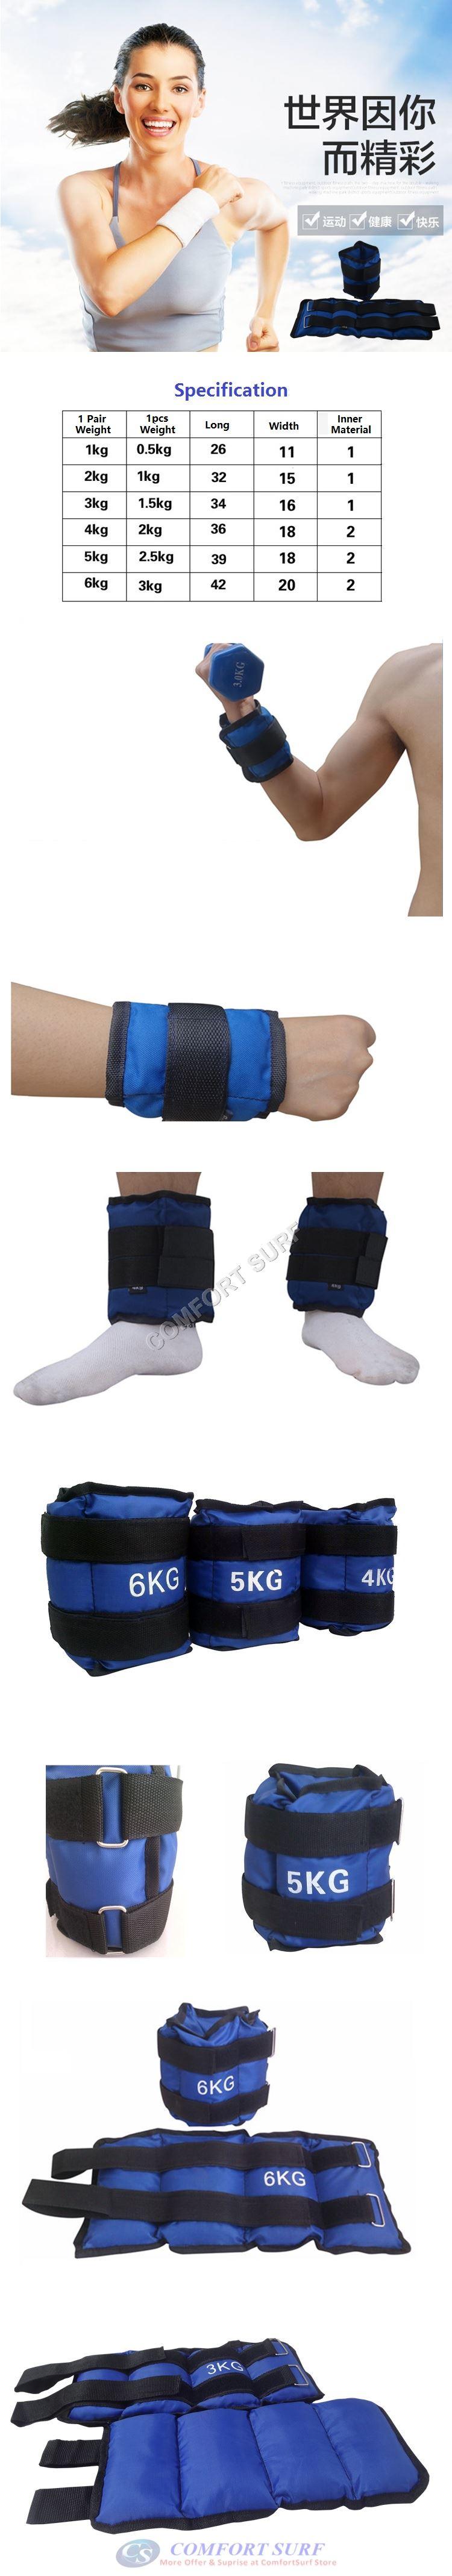 2pcs Adjustable Ankle Weights Pair Wrist Band Arm Leg Running Exercises 2KG / 3KG / 4KG / 5KG / 6KG